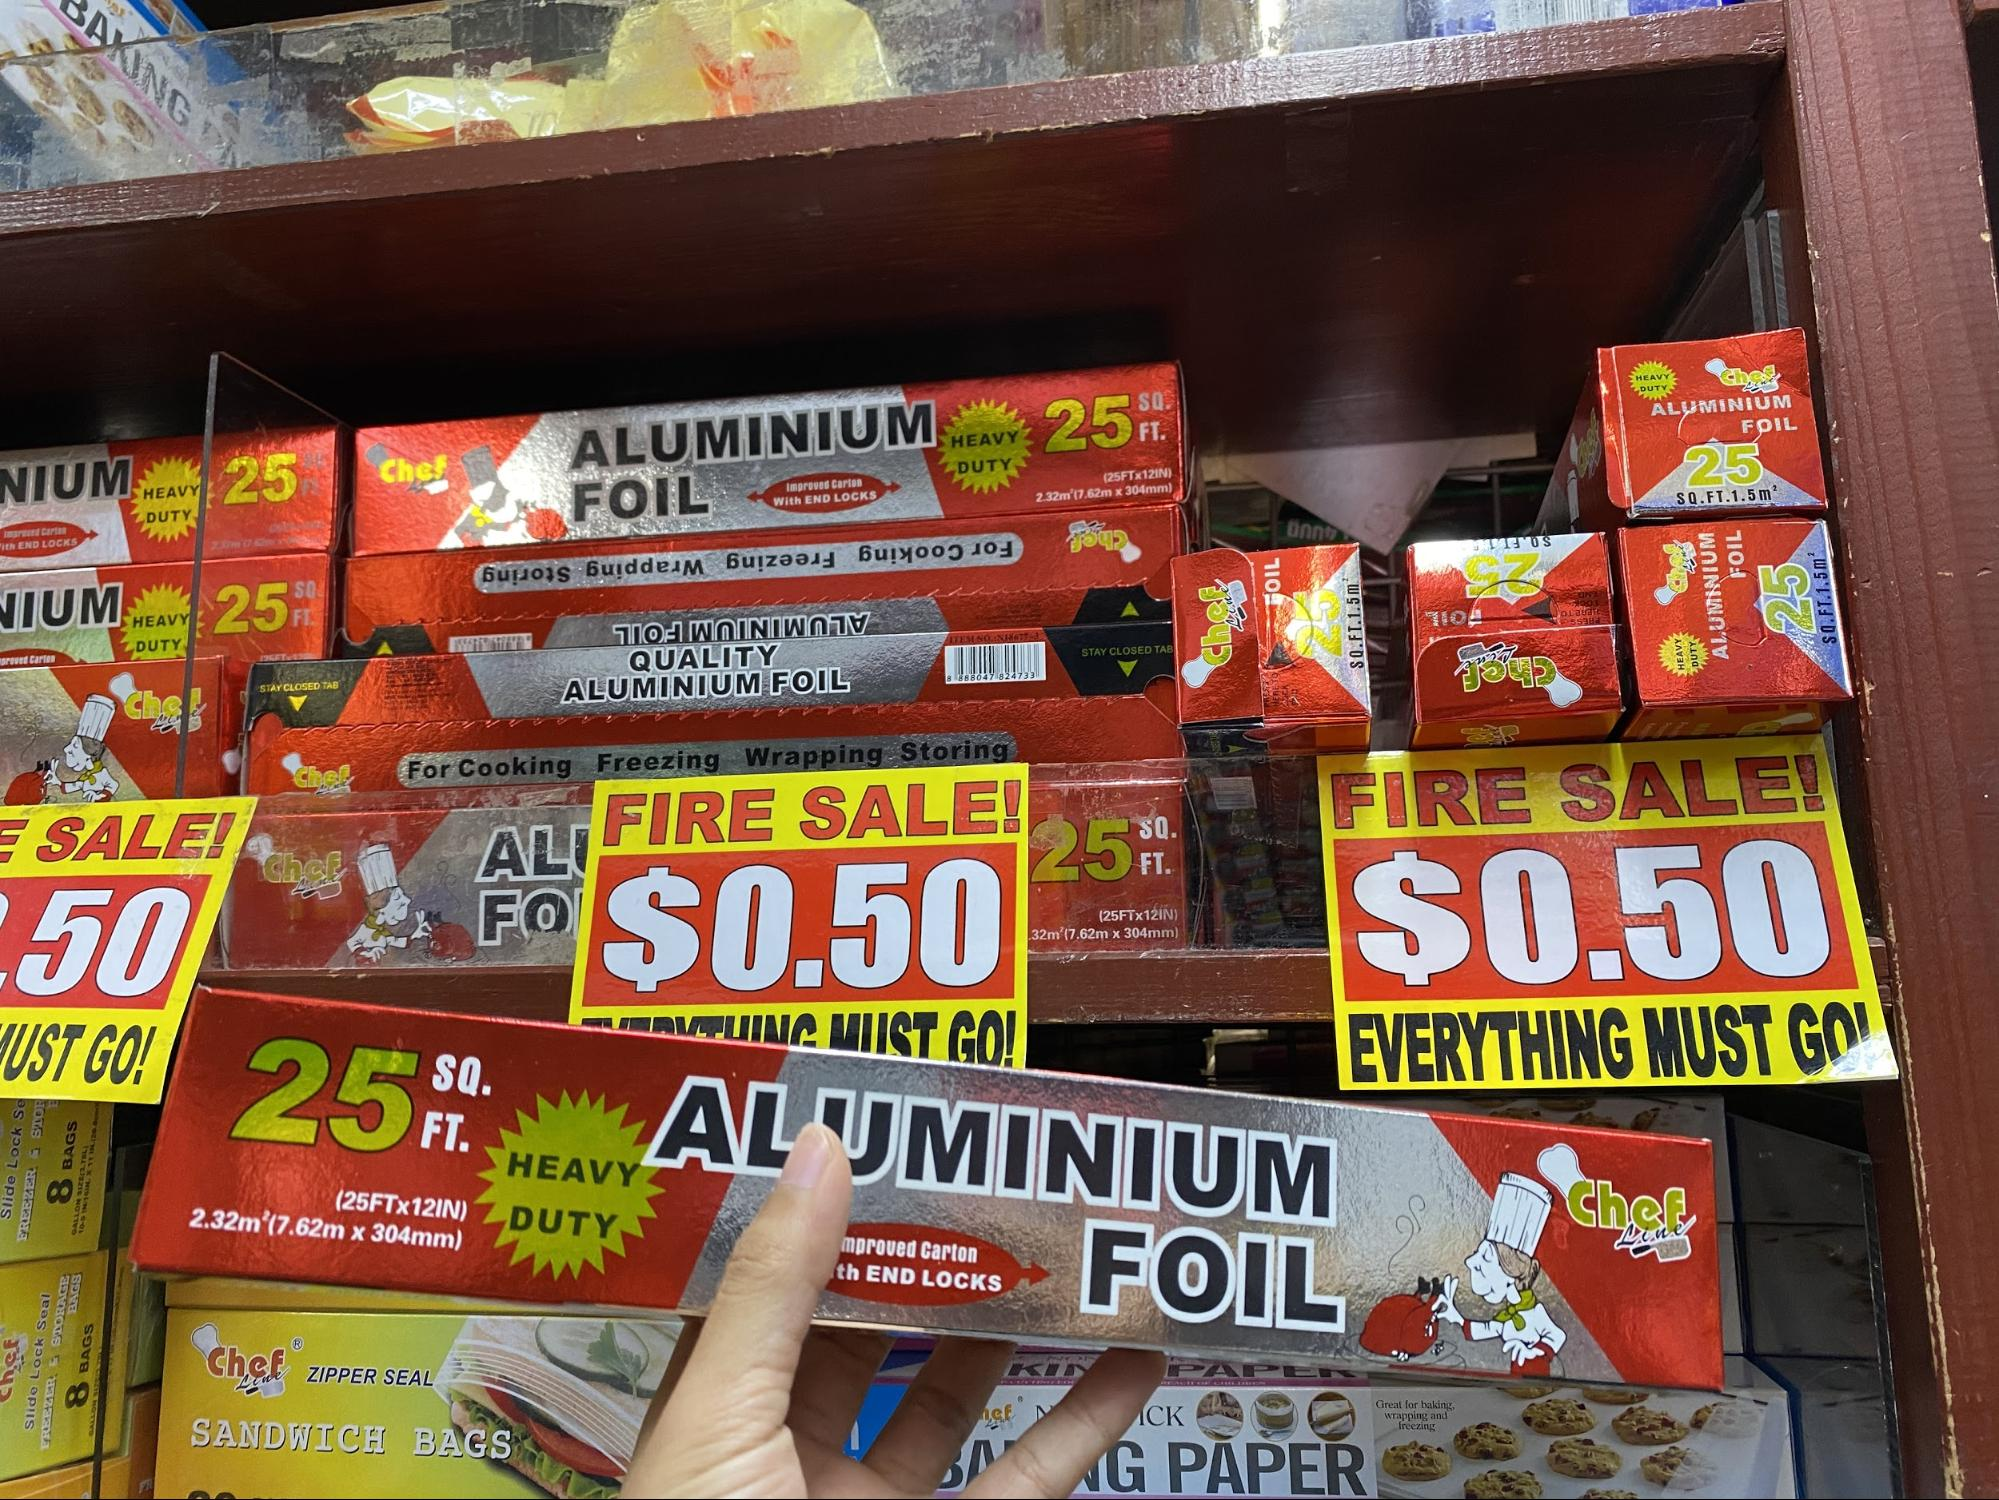 Aluminium foil at the Value Dollar store.